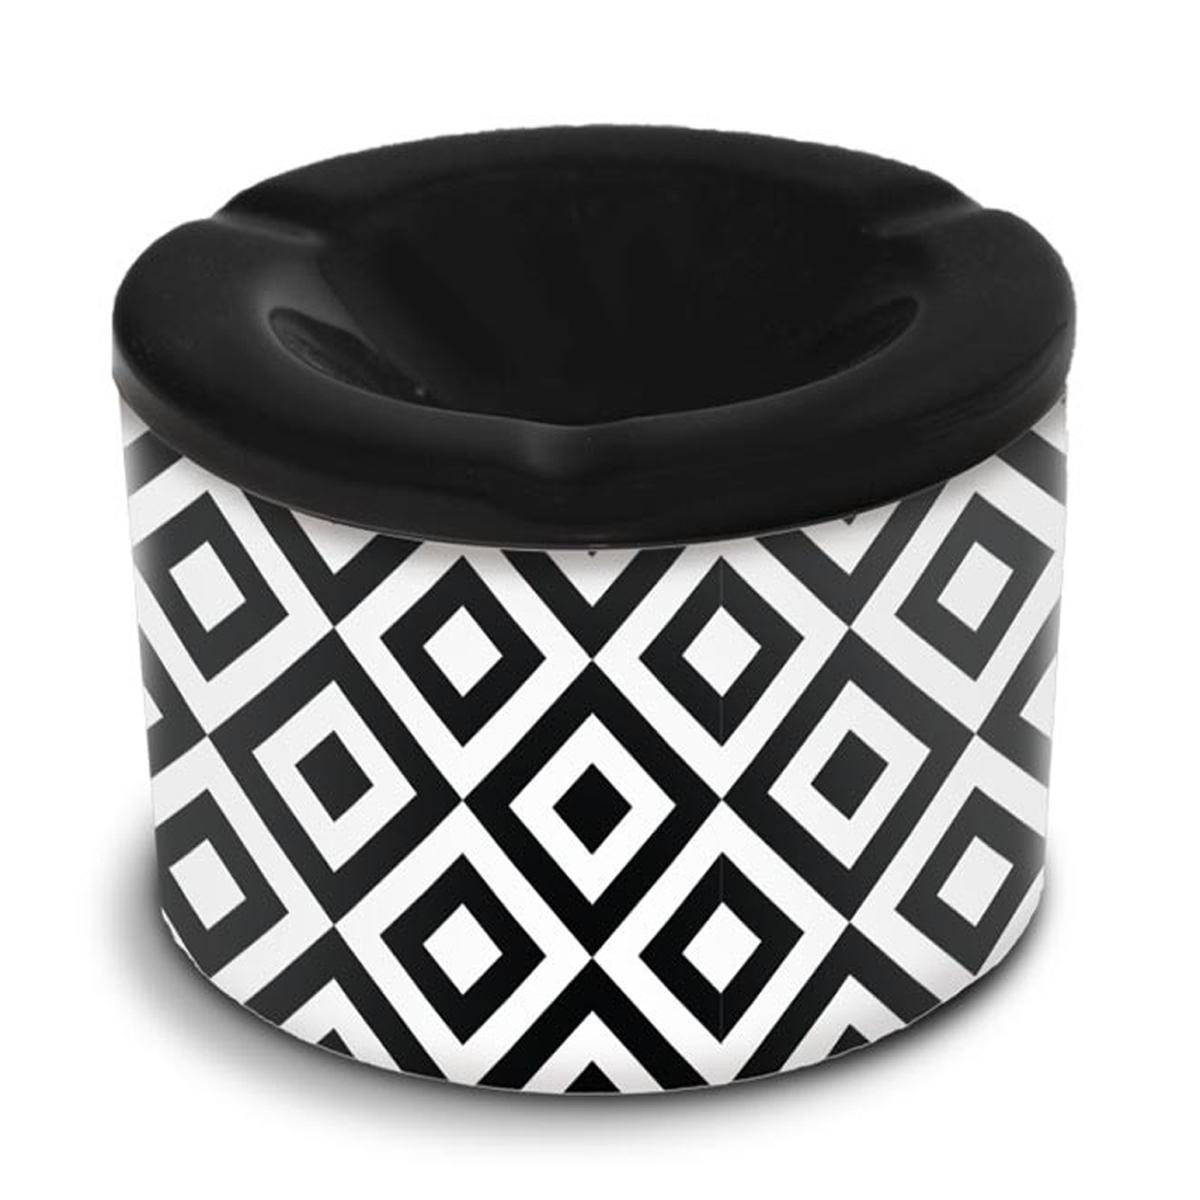 Cendrier marocain céramique \'Tropical\' noir blanc  (losanges) - 10x7 cm - [A3157]